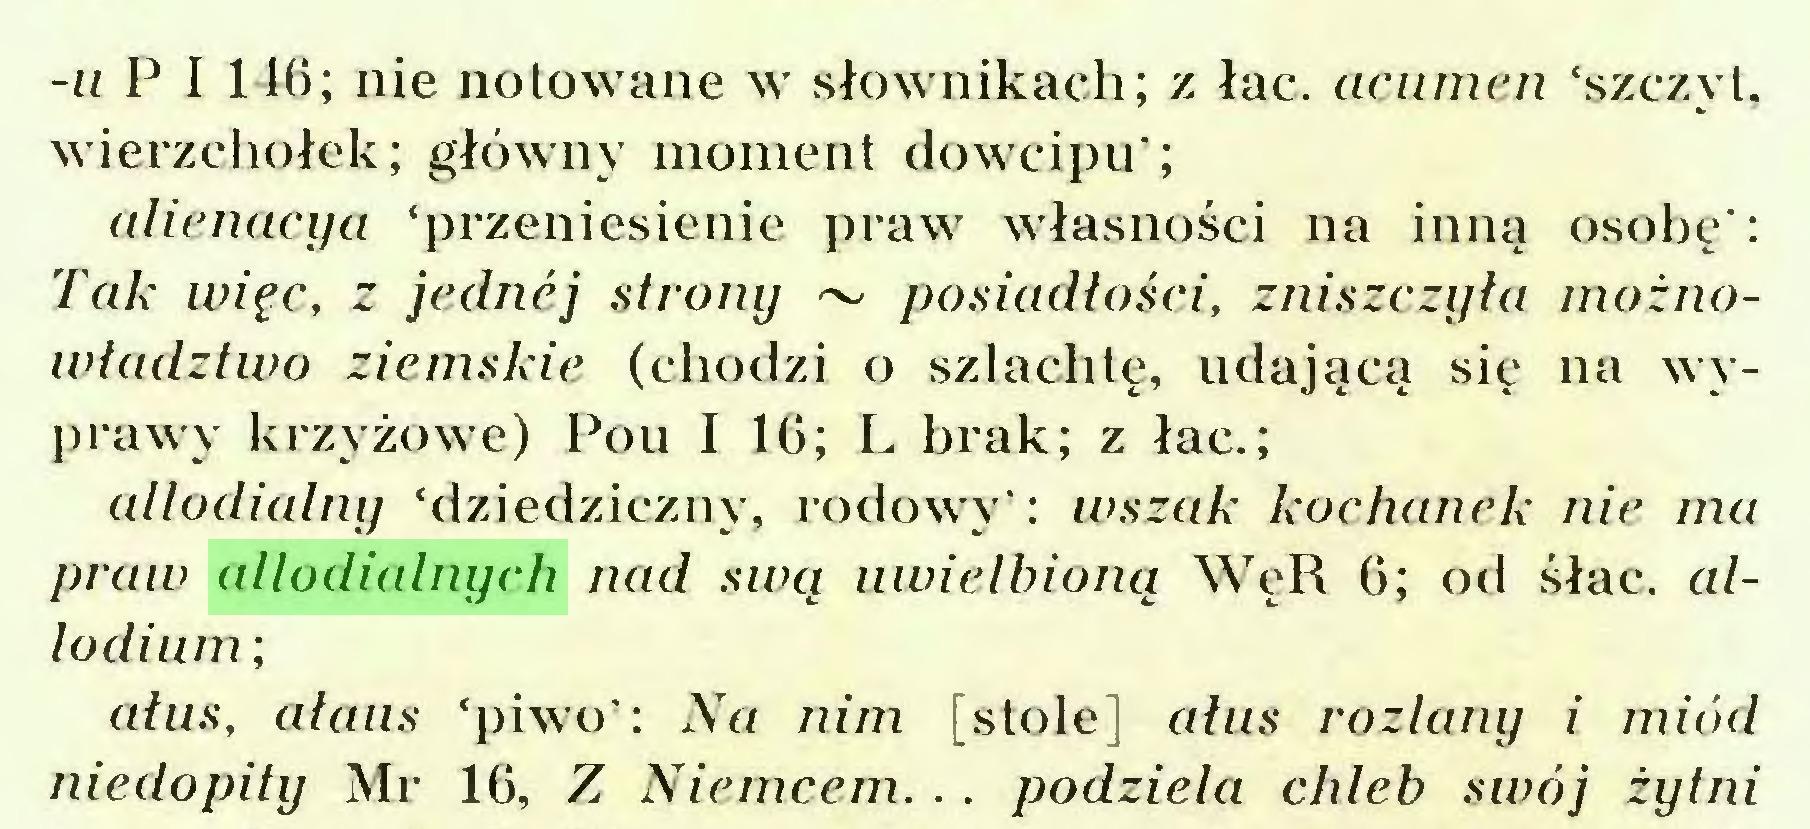 (...) -u P I 146; nie notowane w słownikach; z łac. acumen 'szczyt, wierzchołek; główny moment dowcipu'; alienacya 'przeniesienie praw własności na inną osobę': Tak więc, z jednej strony ~ posiadłości, zniszczyła możnowładztwo ziemskie (chodzi o szlachtę, udającą się na wyprawy krzyżowe) Pou I 16; L brak; z łac.; allodialny 'dziedziczny, rodowy': wszak kochanek nie ma praw allodialnych nad swą uwielbioną WeR 6; od śłac. allodium ; ałus, ałaus 'piwo': Na nim [stole] ałus rozlany i miód niedopity Mr 16, Z Niemcem.. . podziela chleb swój żytni...